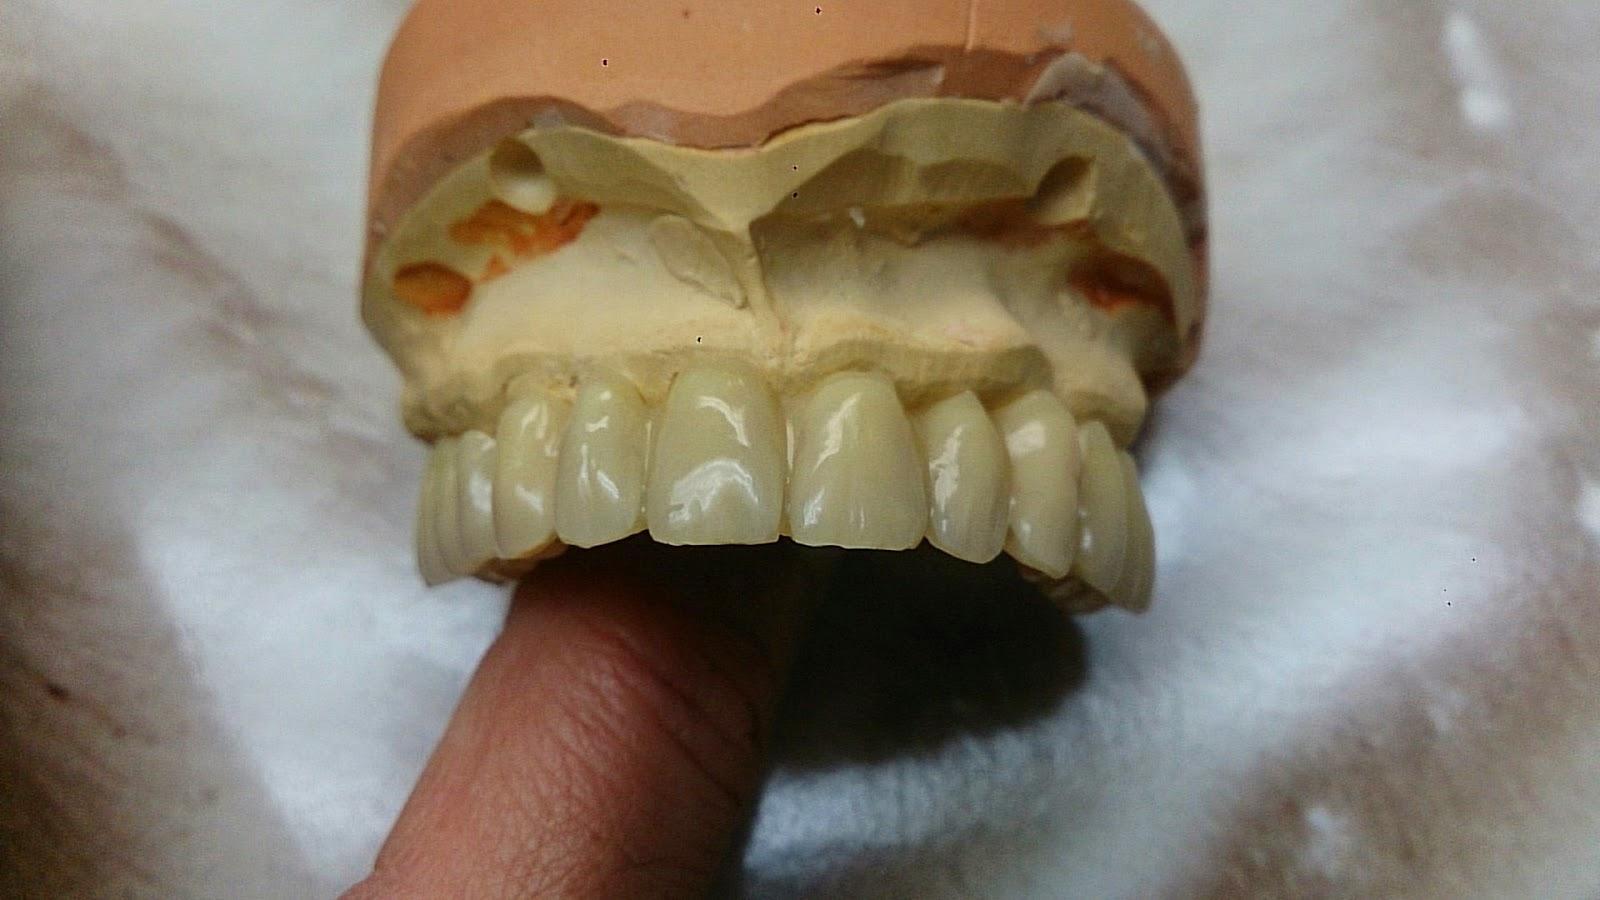 blog prothesiste dentaire Cette association a été créer pour la reconnaissance de l'agénésie dentaire mais depuis que ça été nomenclaturer au sein de la sécurité sociale, je penses que celle-ci a diminué son activité ou alors elle l'a arrêté son site est super, avec des liens.